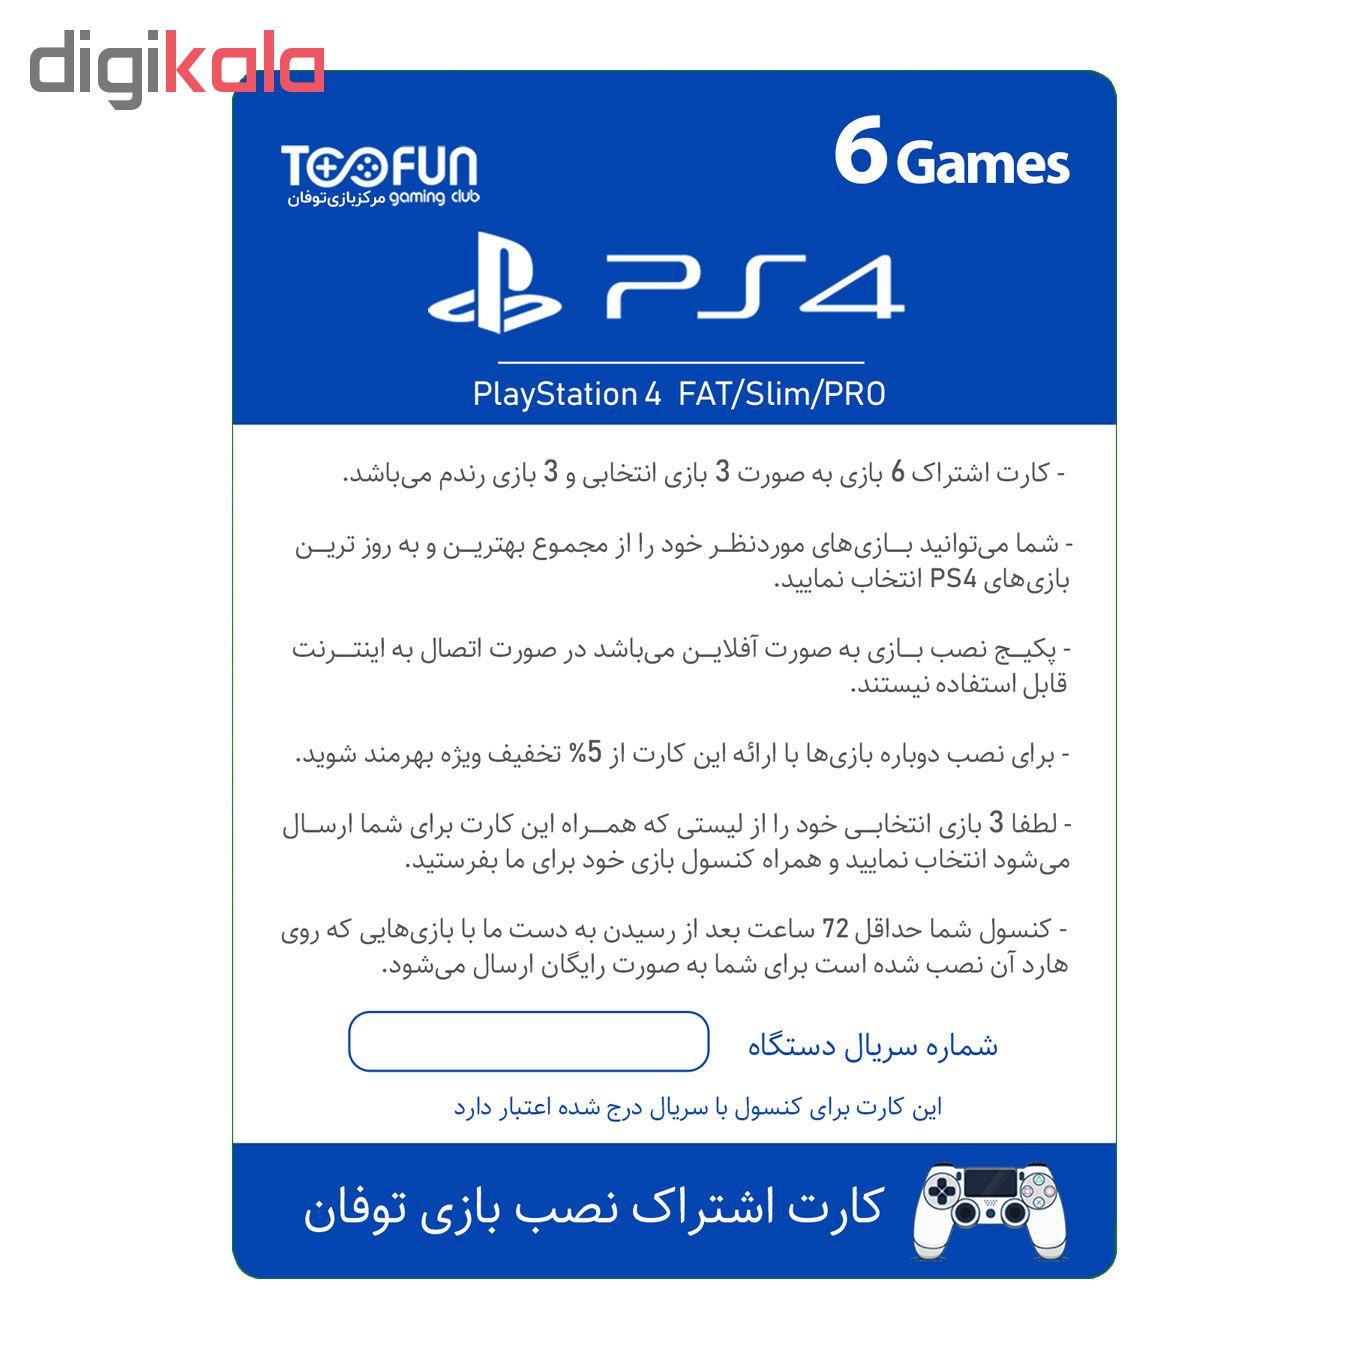 خرید اینترنتی                     کارت اشتراک نصب 6 بازی مرکز بازی توفان مخصوص پلی استیشن 4             اورجینال